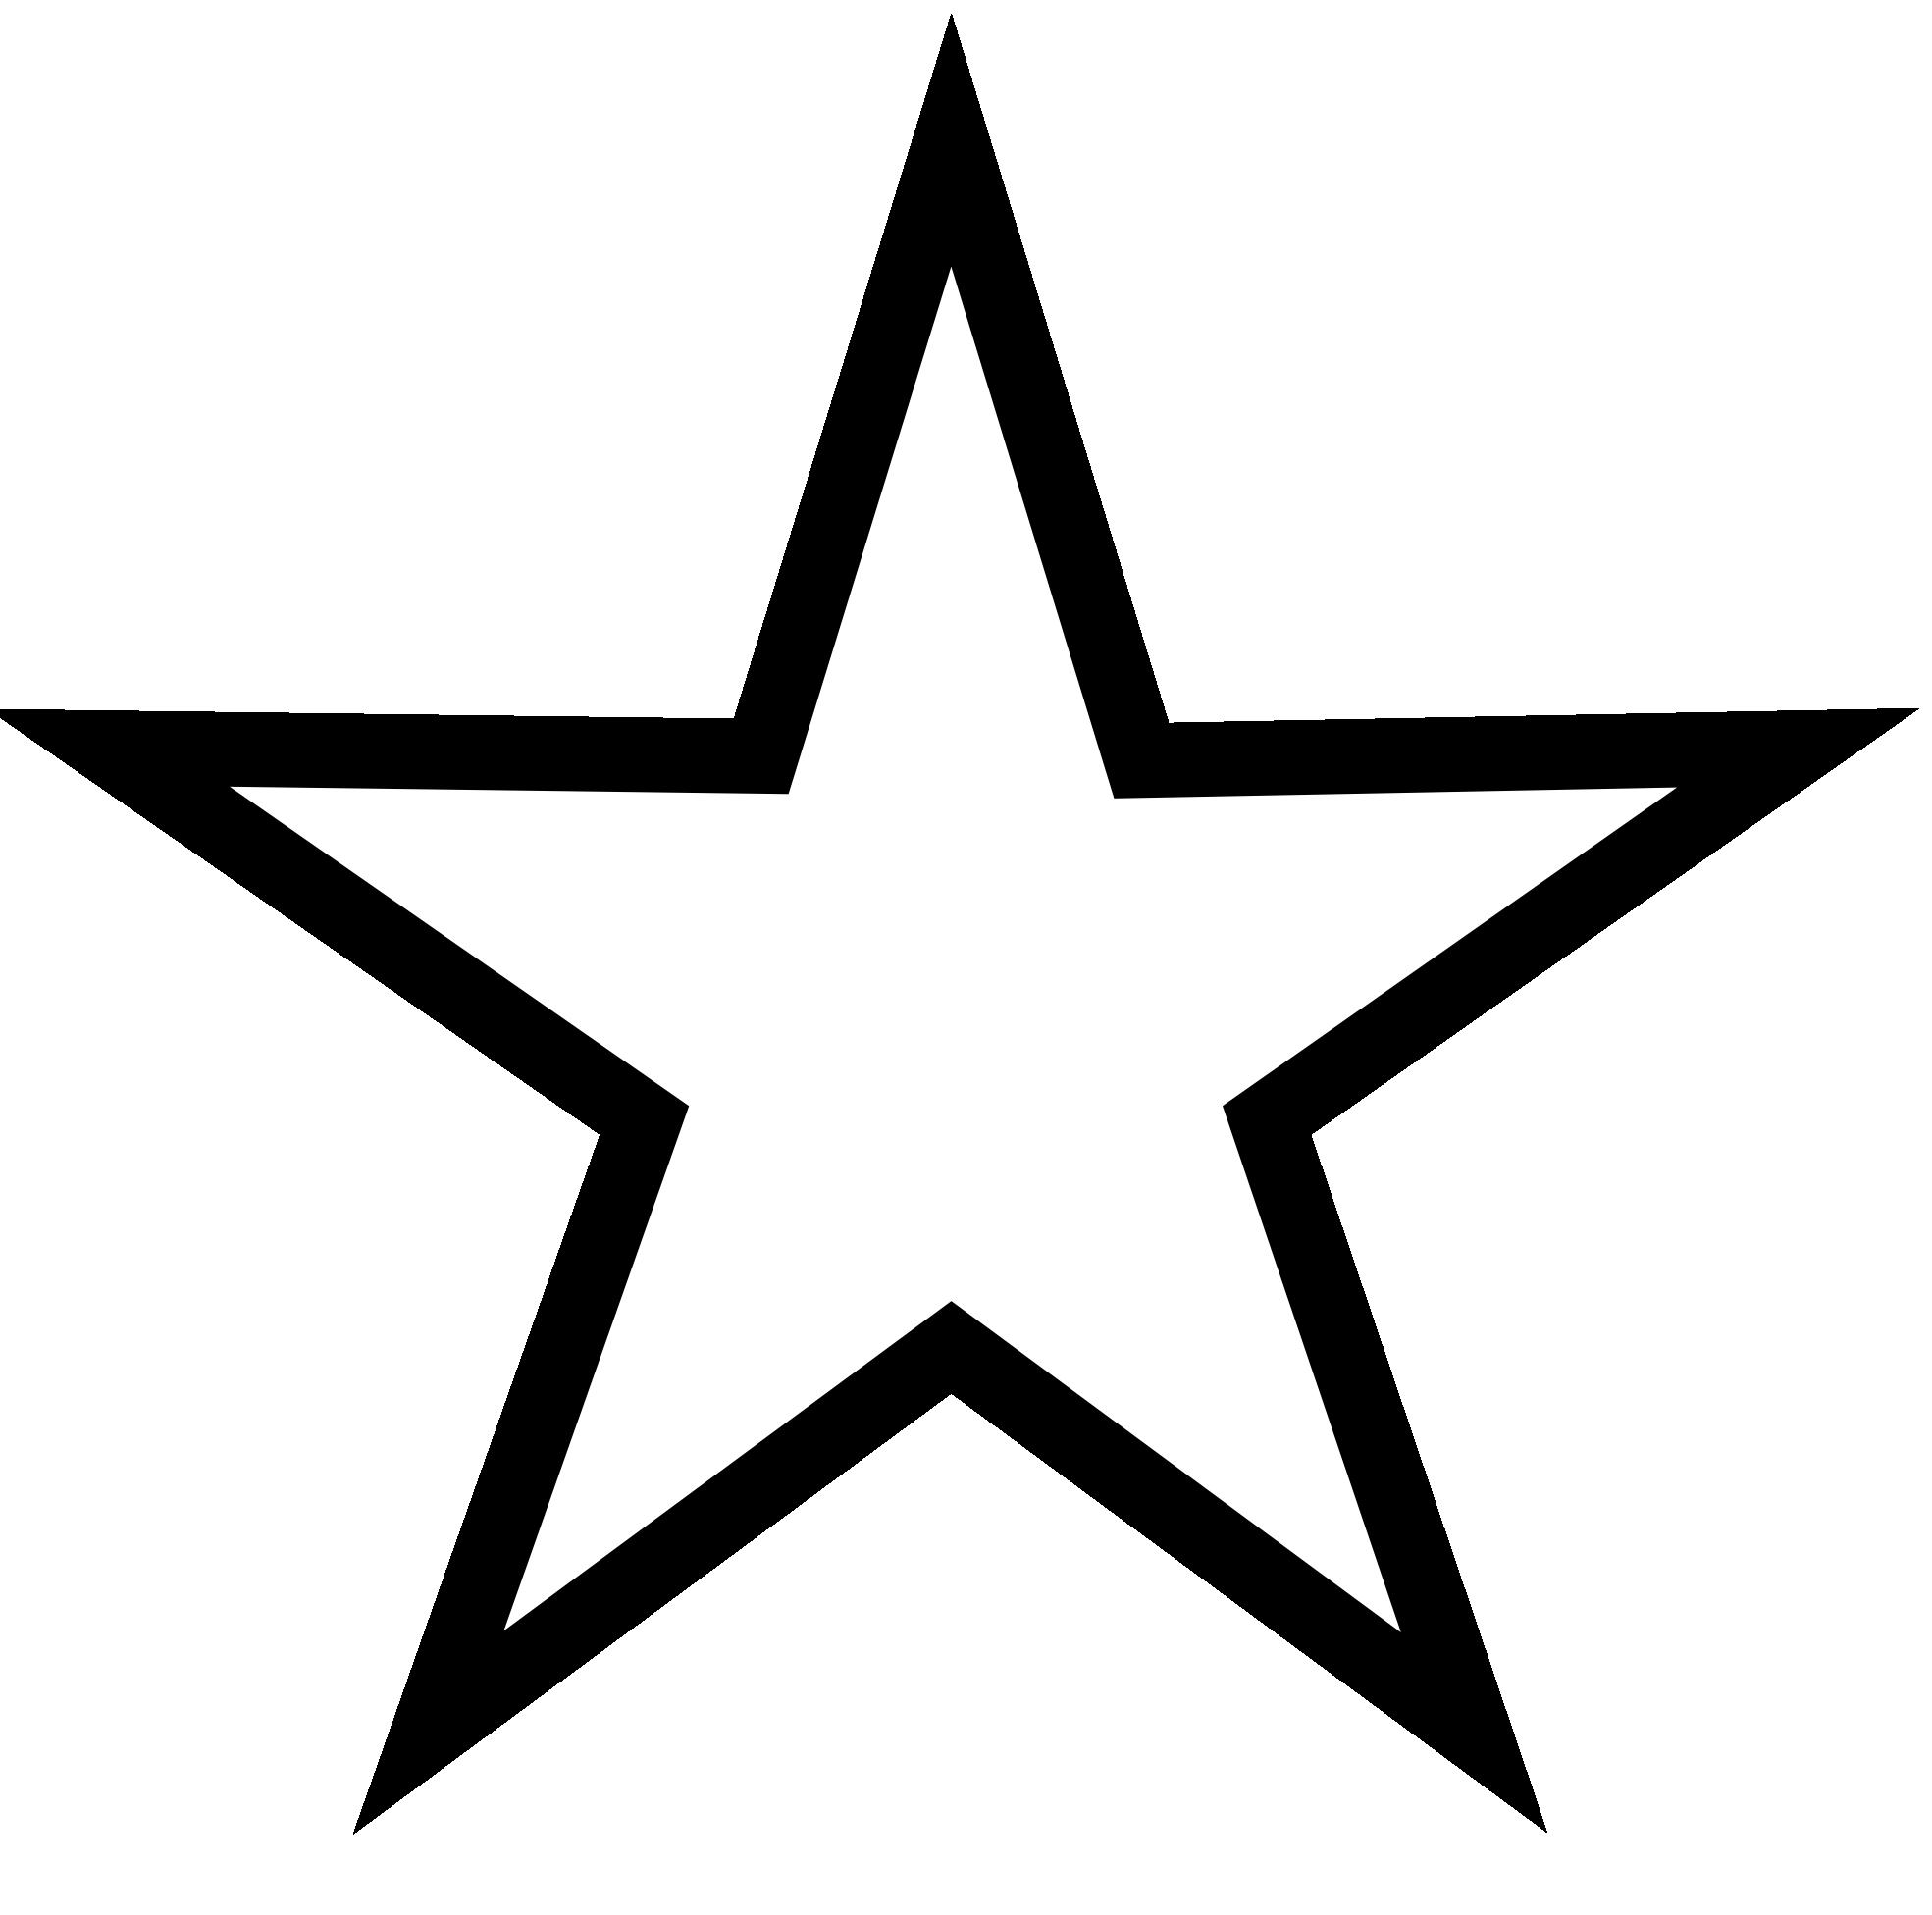 1969x1952 15 5 Star Vector Png For Free Download On Mbtskoudsalg